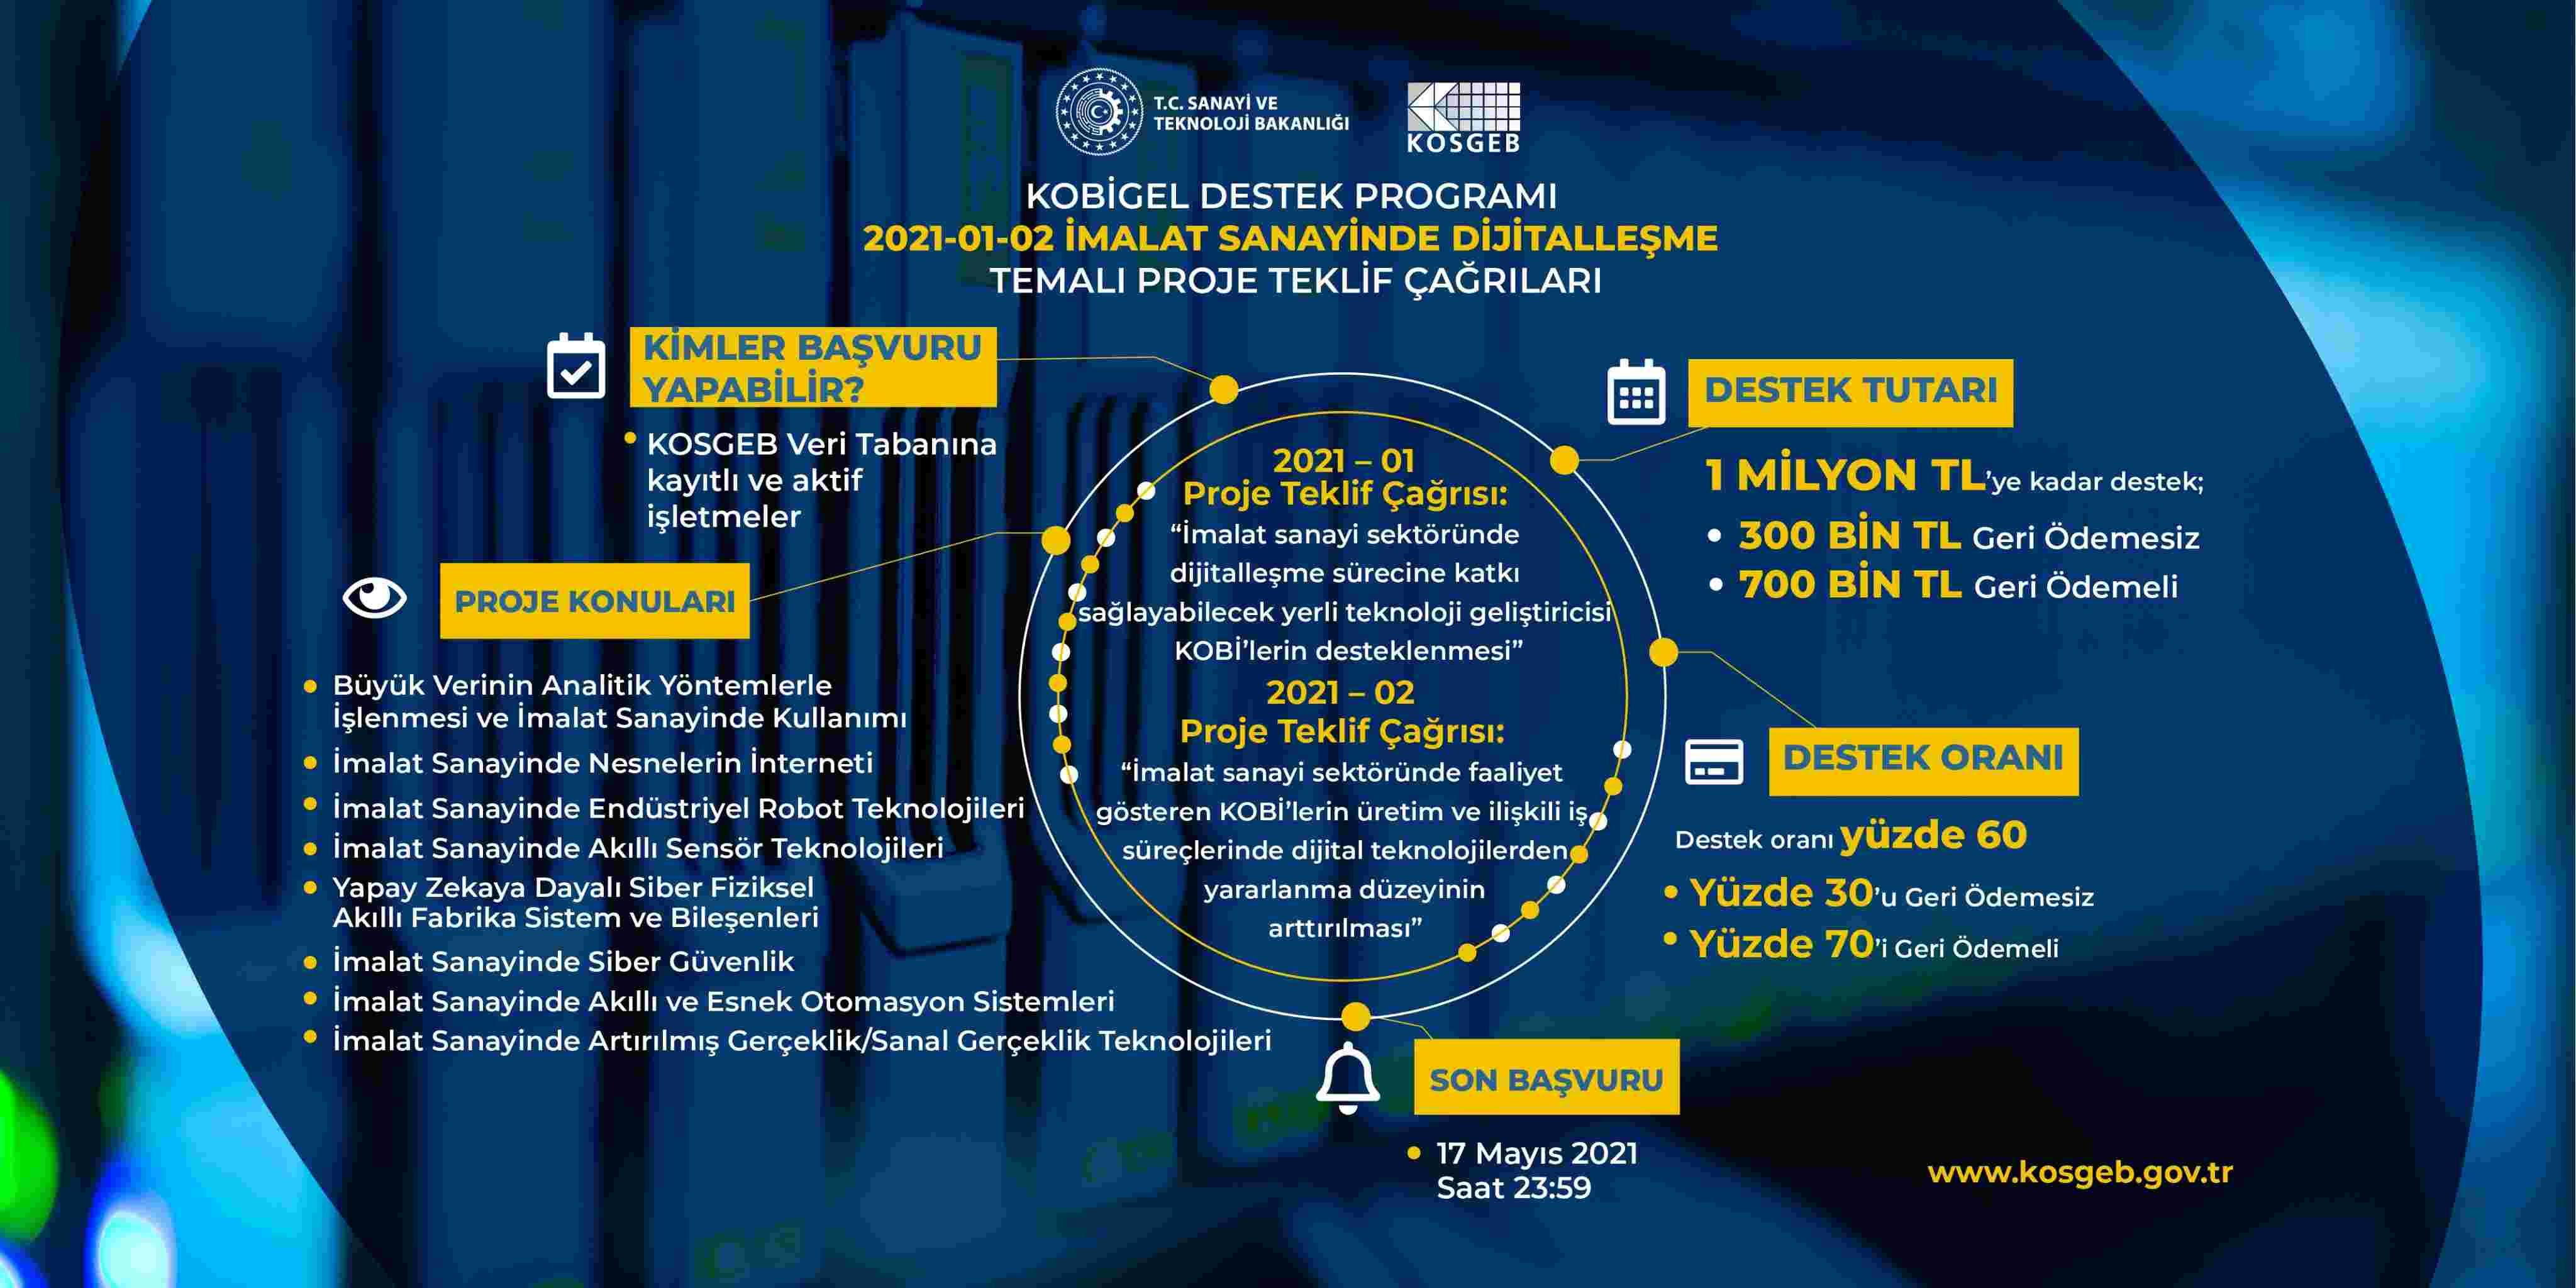 Kosgeb Kobigel 2021–01 ve 2021-02 İmalat Sanayinde Dijitalleşme Temalı Proje Teklif Çağrıları